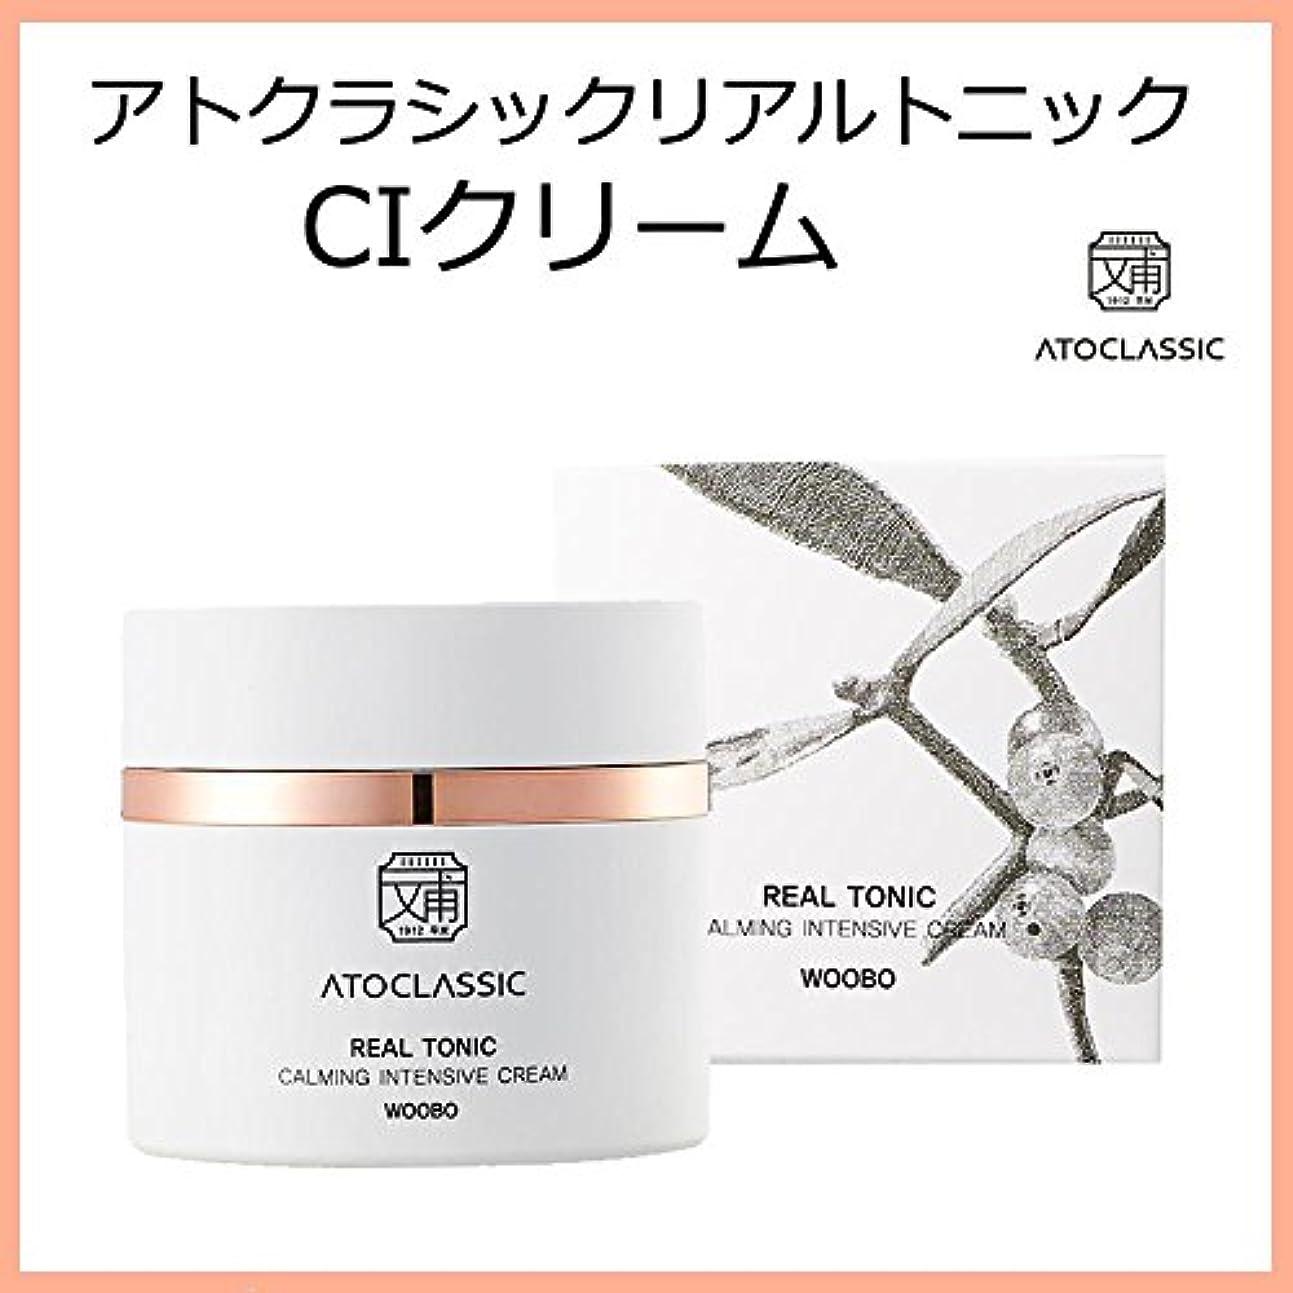 船乗り大通りアーク韓国コスメ ATOCLASSIC アトクラシックリアルトニック CIクリーム(Calming Intensive Cream) 50ml